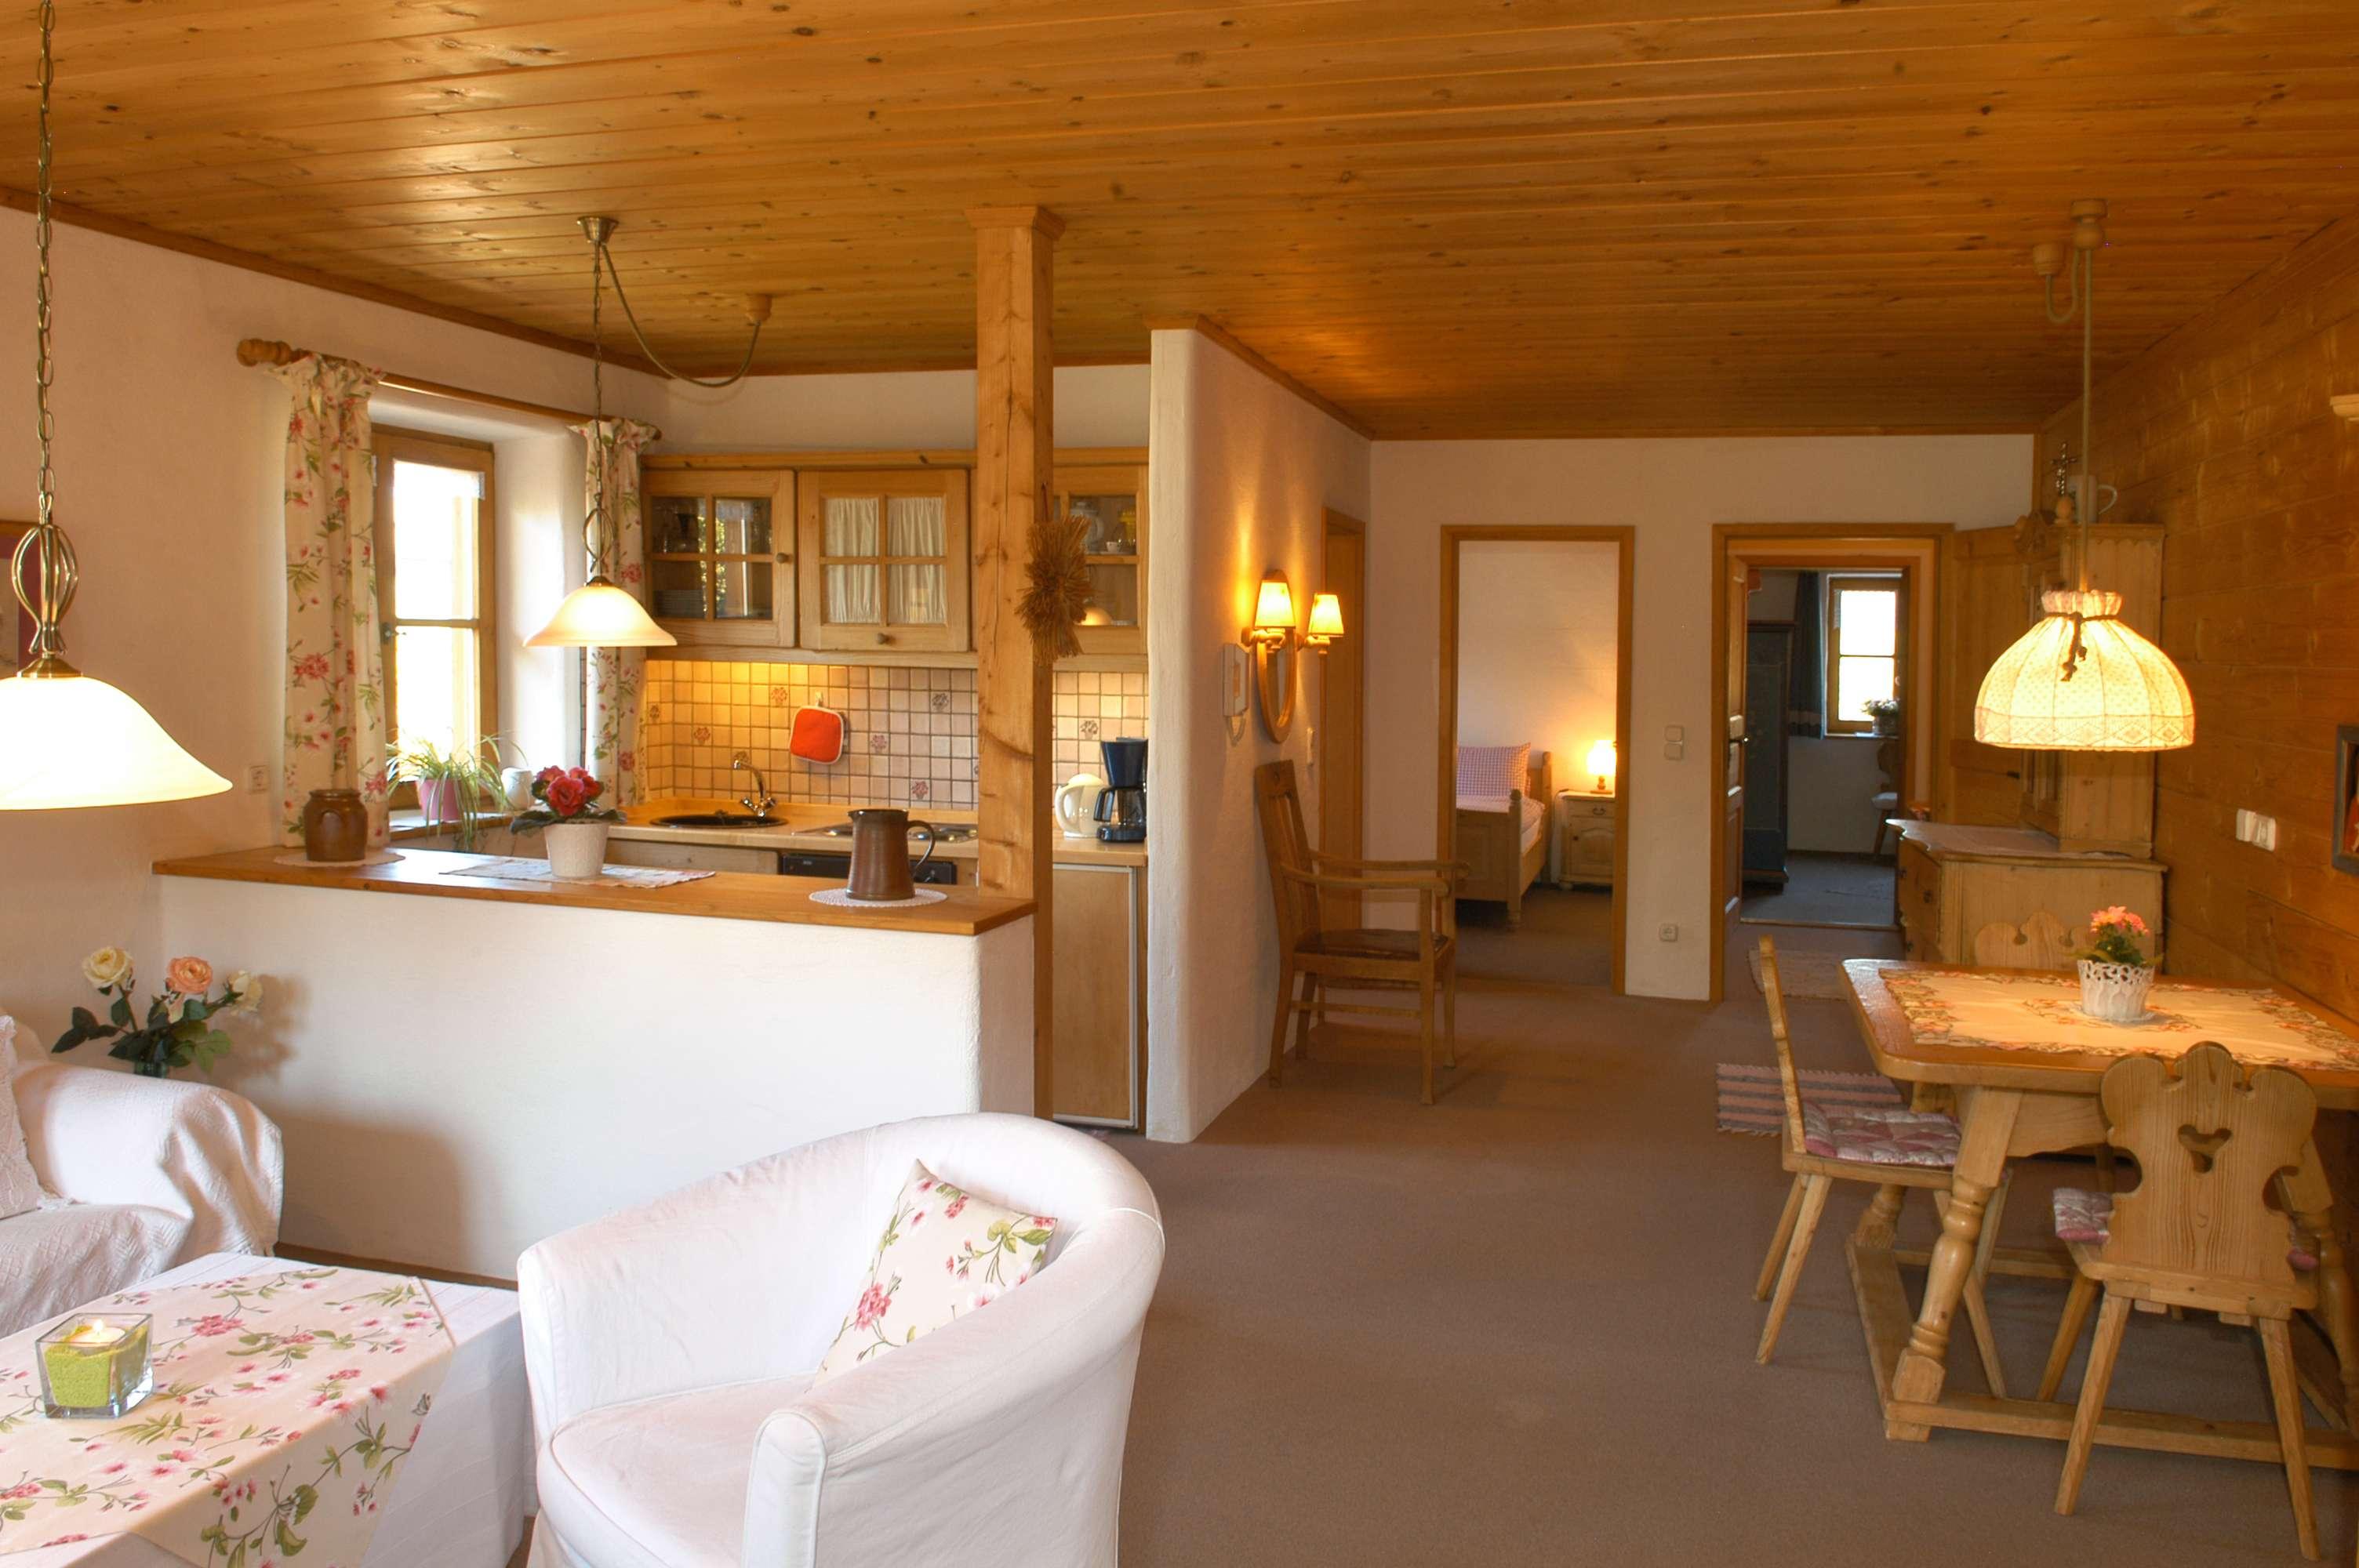 Ruhig, gemütlich, hochwertig! 2-Zimmer mit Balkon! in Bad Aibling